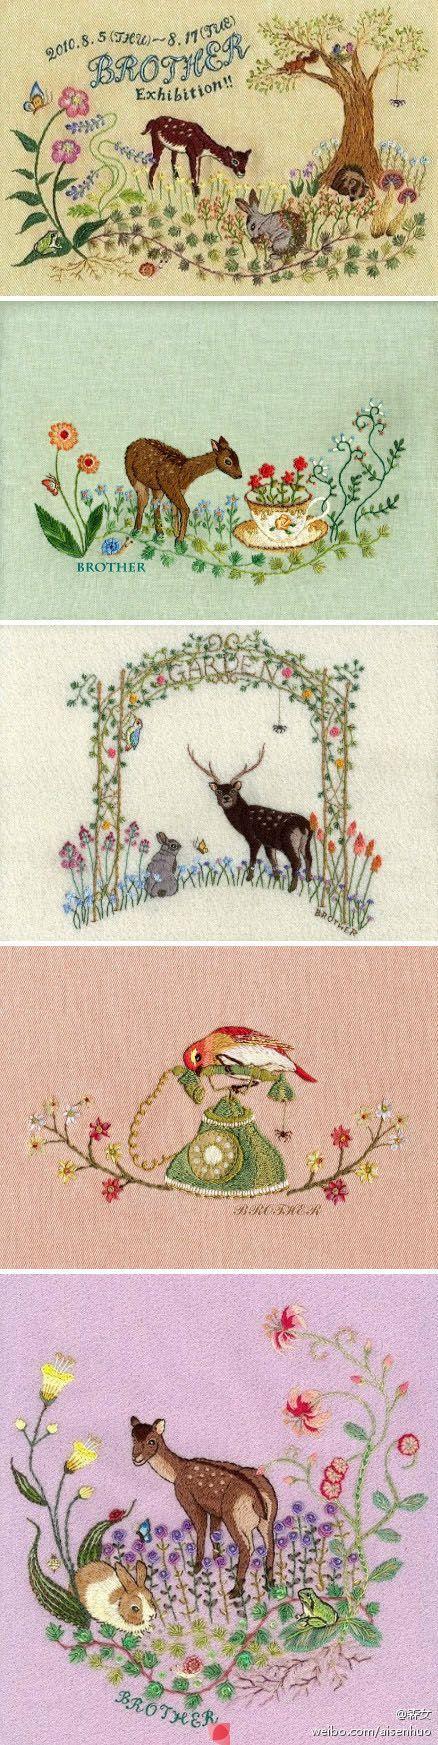 ♒ Enchanting Embroidery ♒ vintage woodland needlework